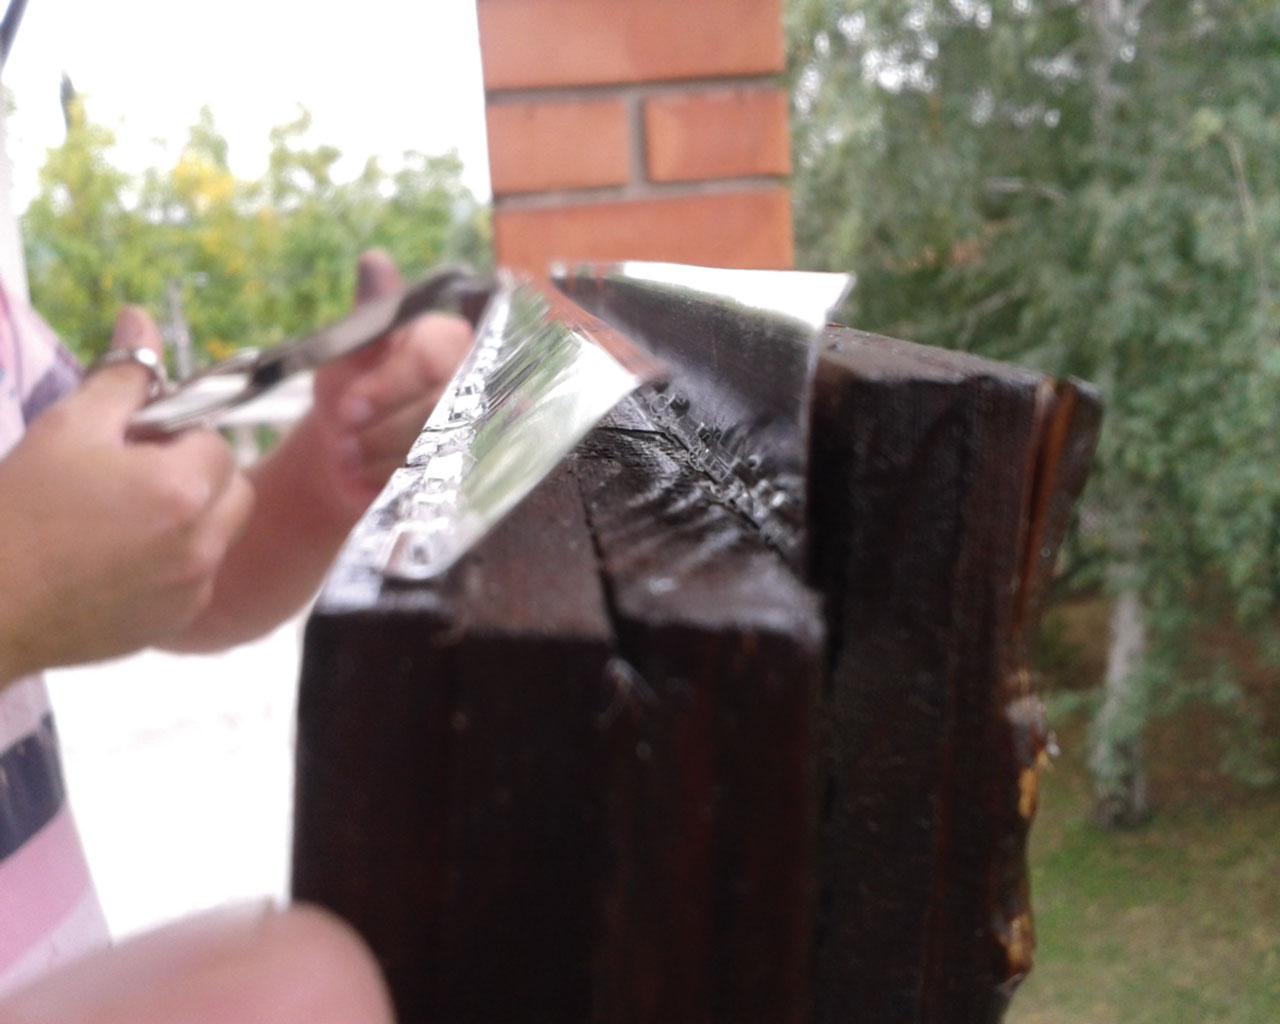 Aluminijumske lajsne se postavljaju na okvir prozora ili vrata